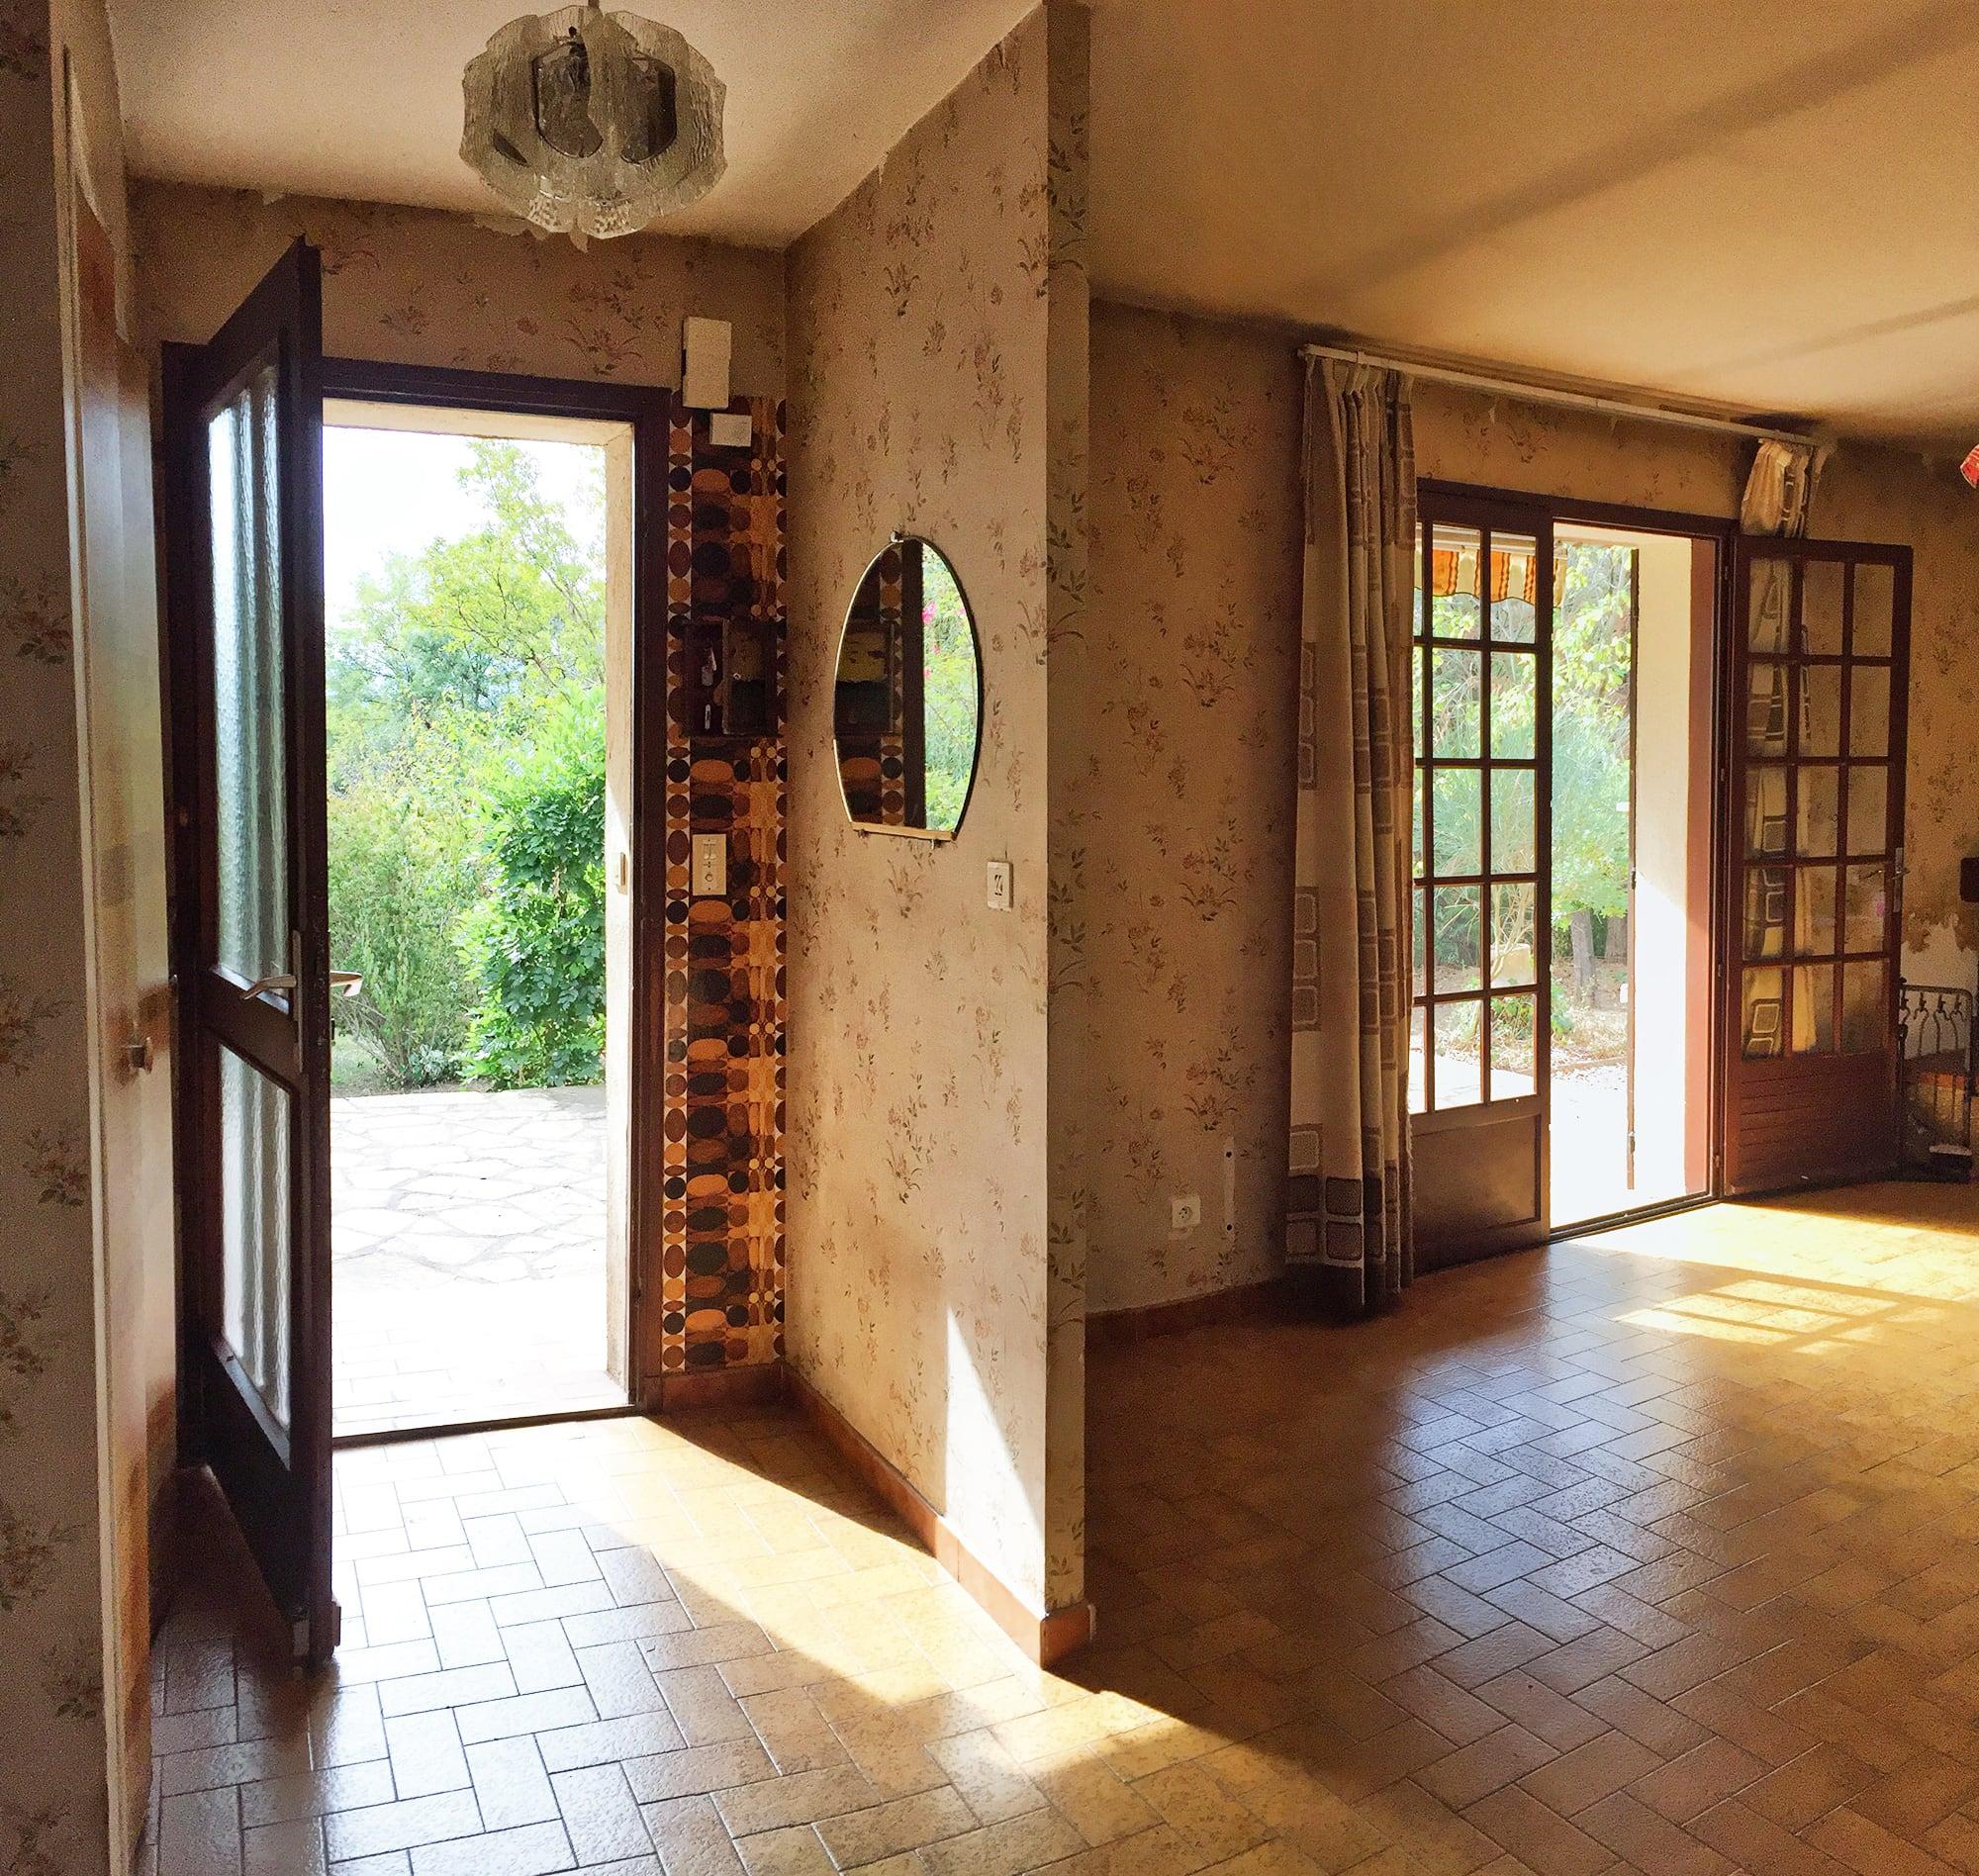 Maison-a-vendre-cevennes-interieur-06.jpg